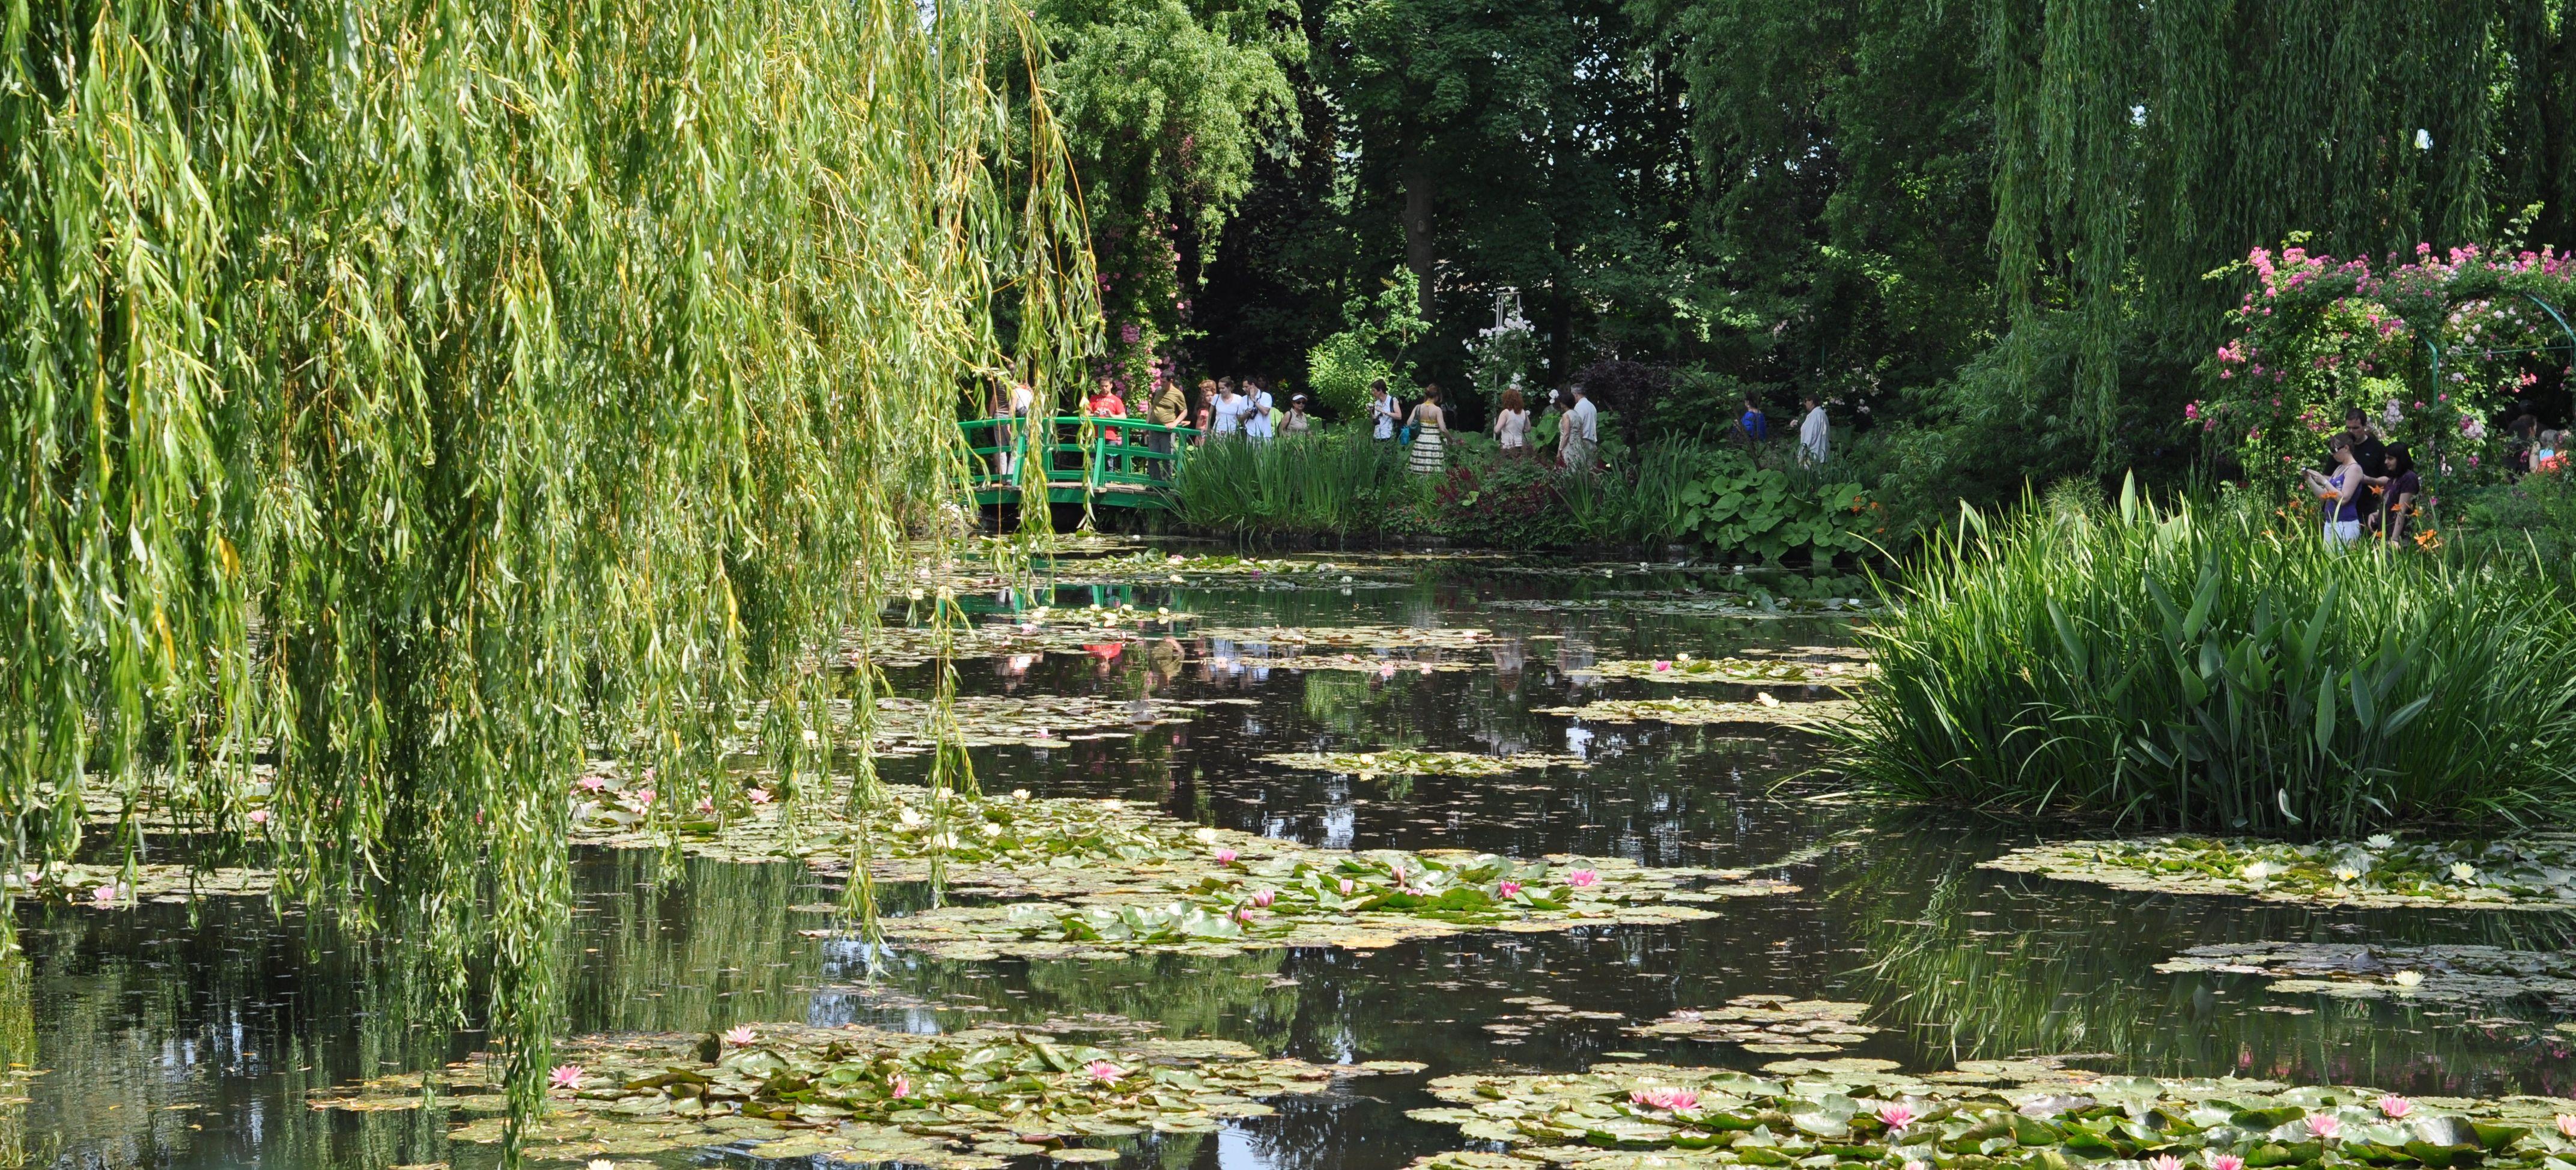 Les jardins de Monet  Giverny fait quoi maman